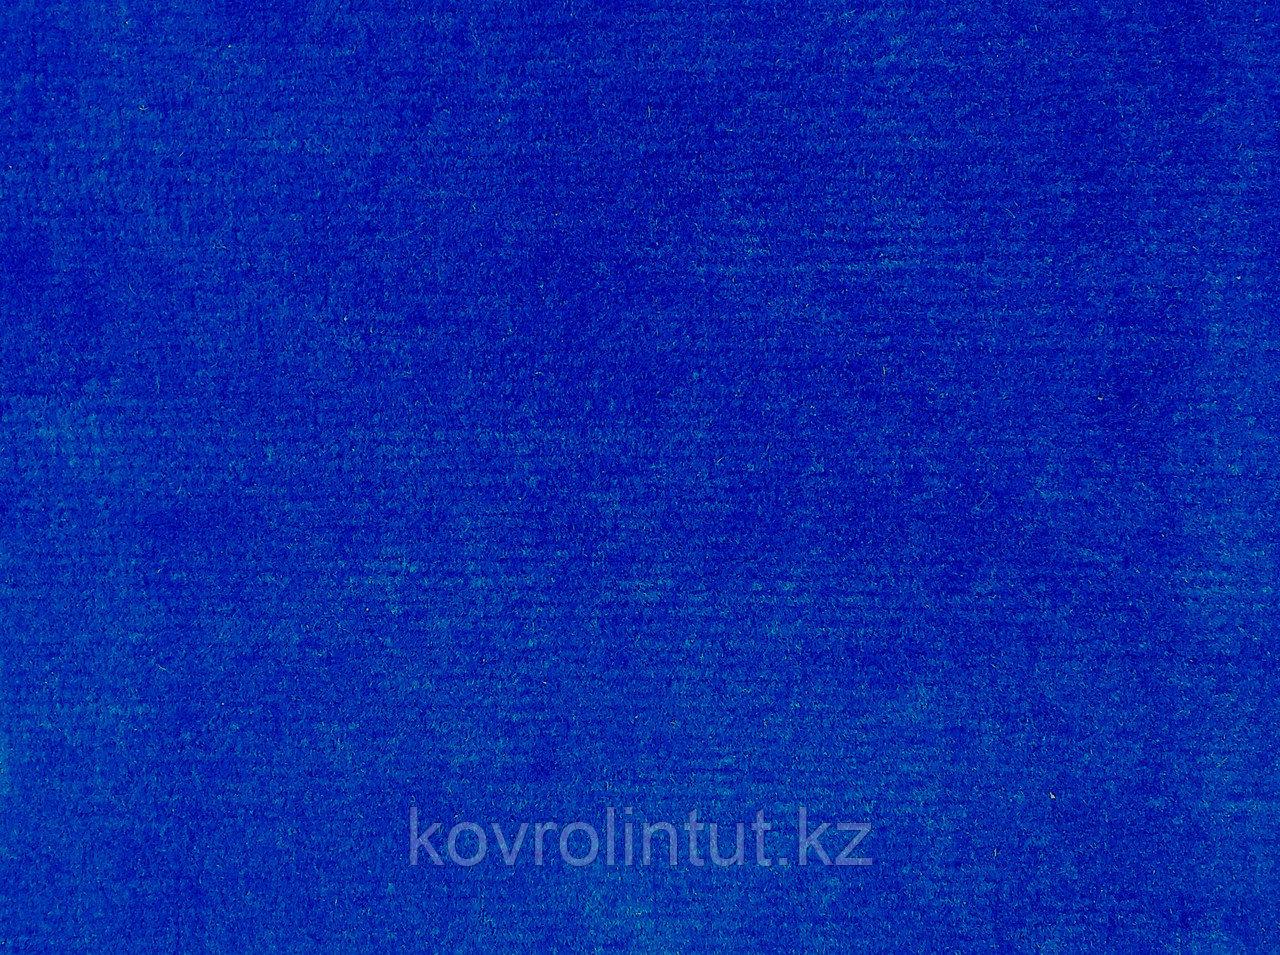 Ковролин (ковролан) GOLD BCF  100% PP 045 Синий  4,0м опт/розн.